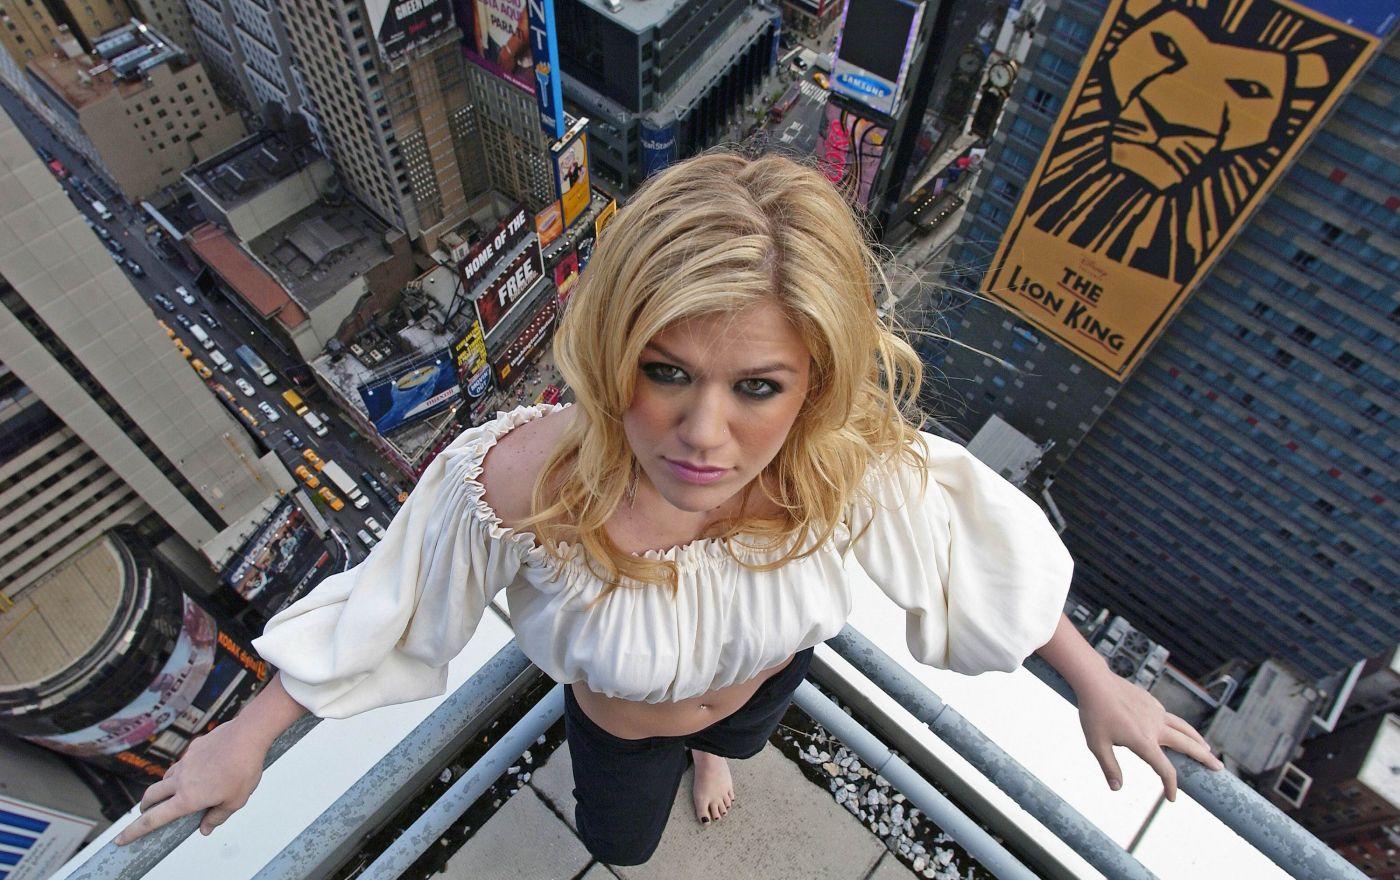 http://4.bp.blogspot.com/-5NZOUE3gqqE/TlDgwL9p2jI/AAAAAAAAABM/d_T8K_X4NDA/s1600/Kelly-Clarkson-life-style-2011-american-singer-and-actress-14.jpg